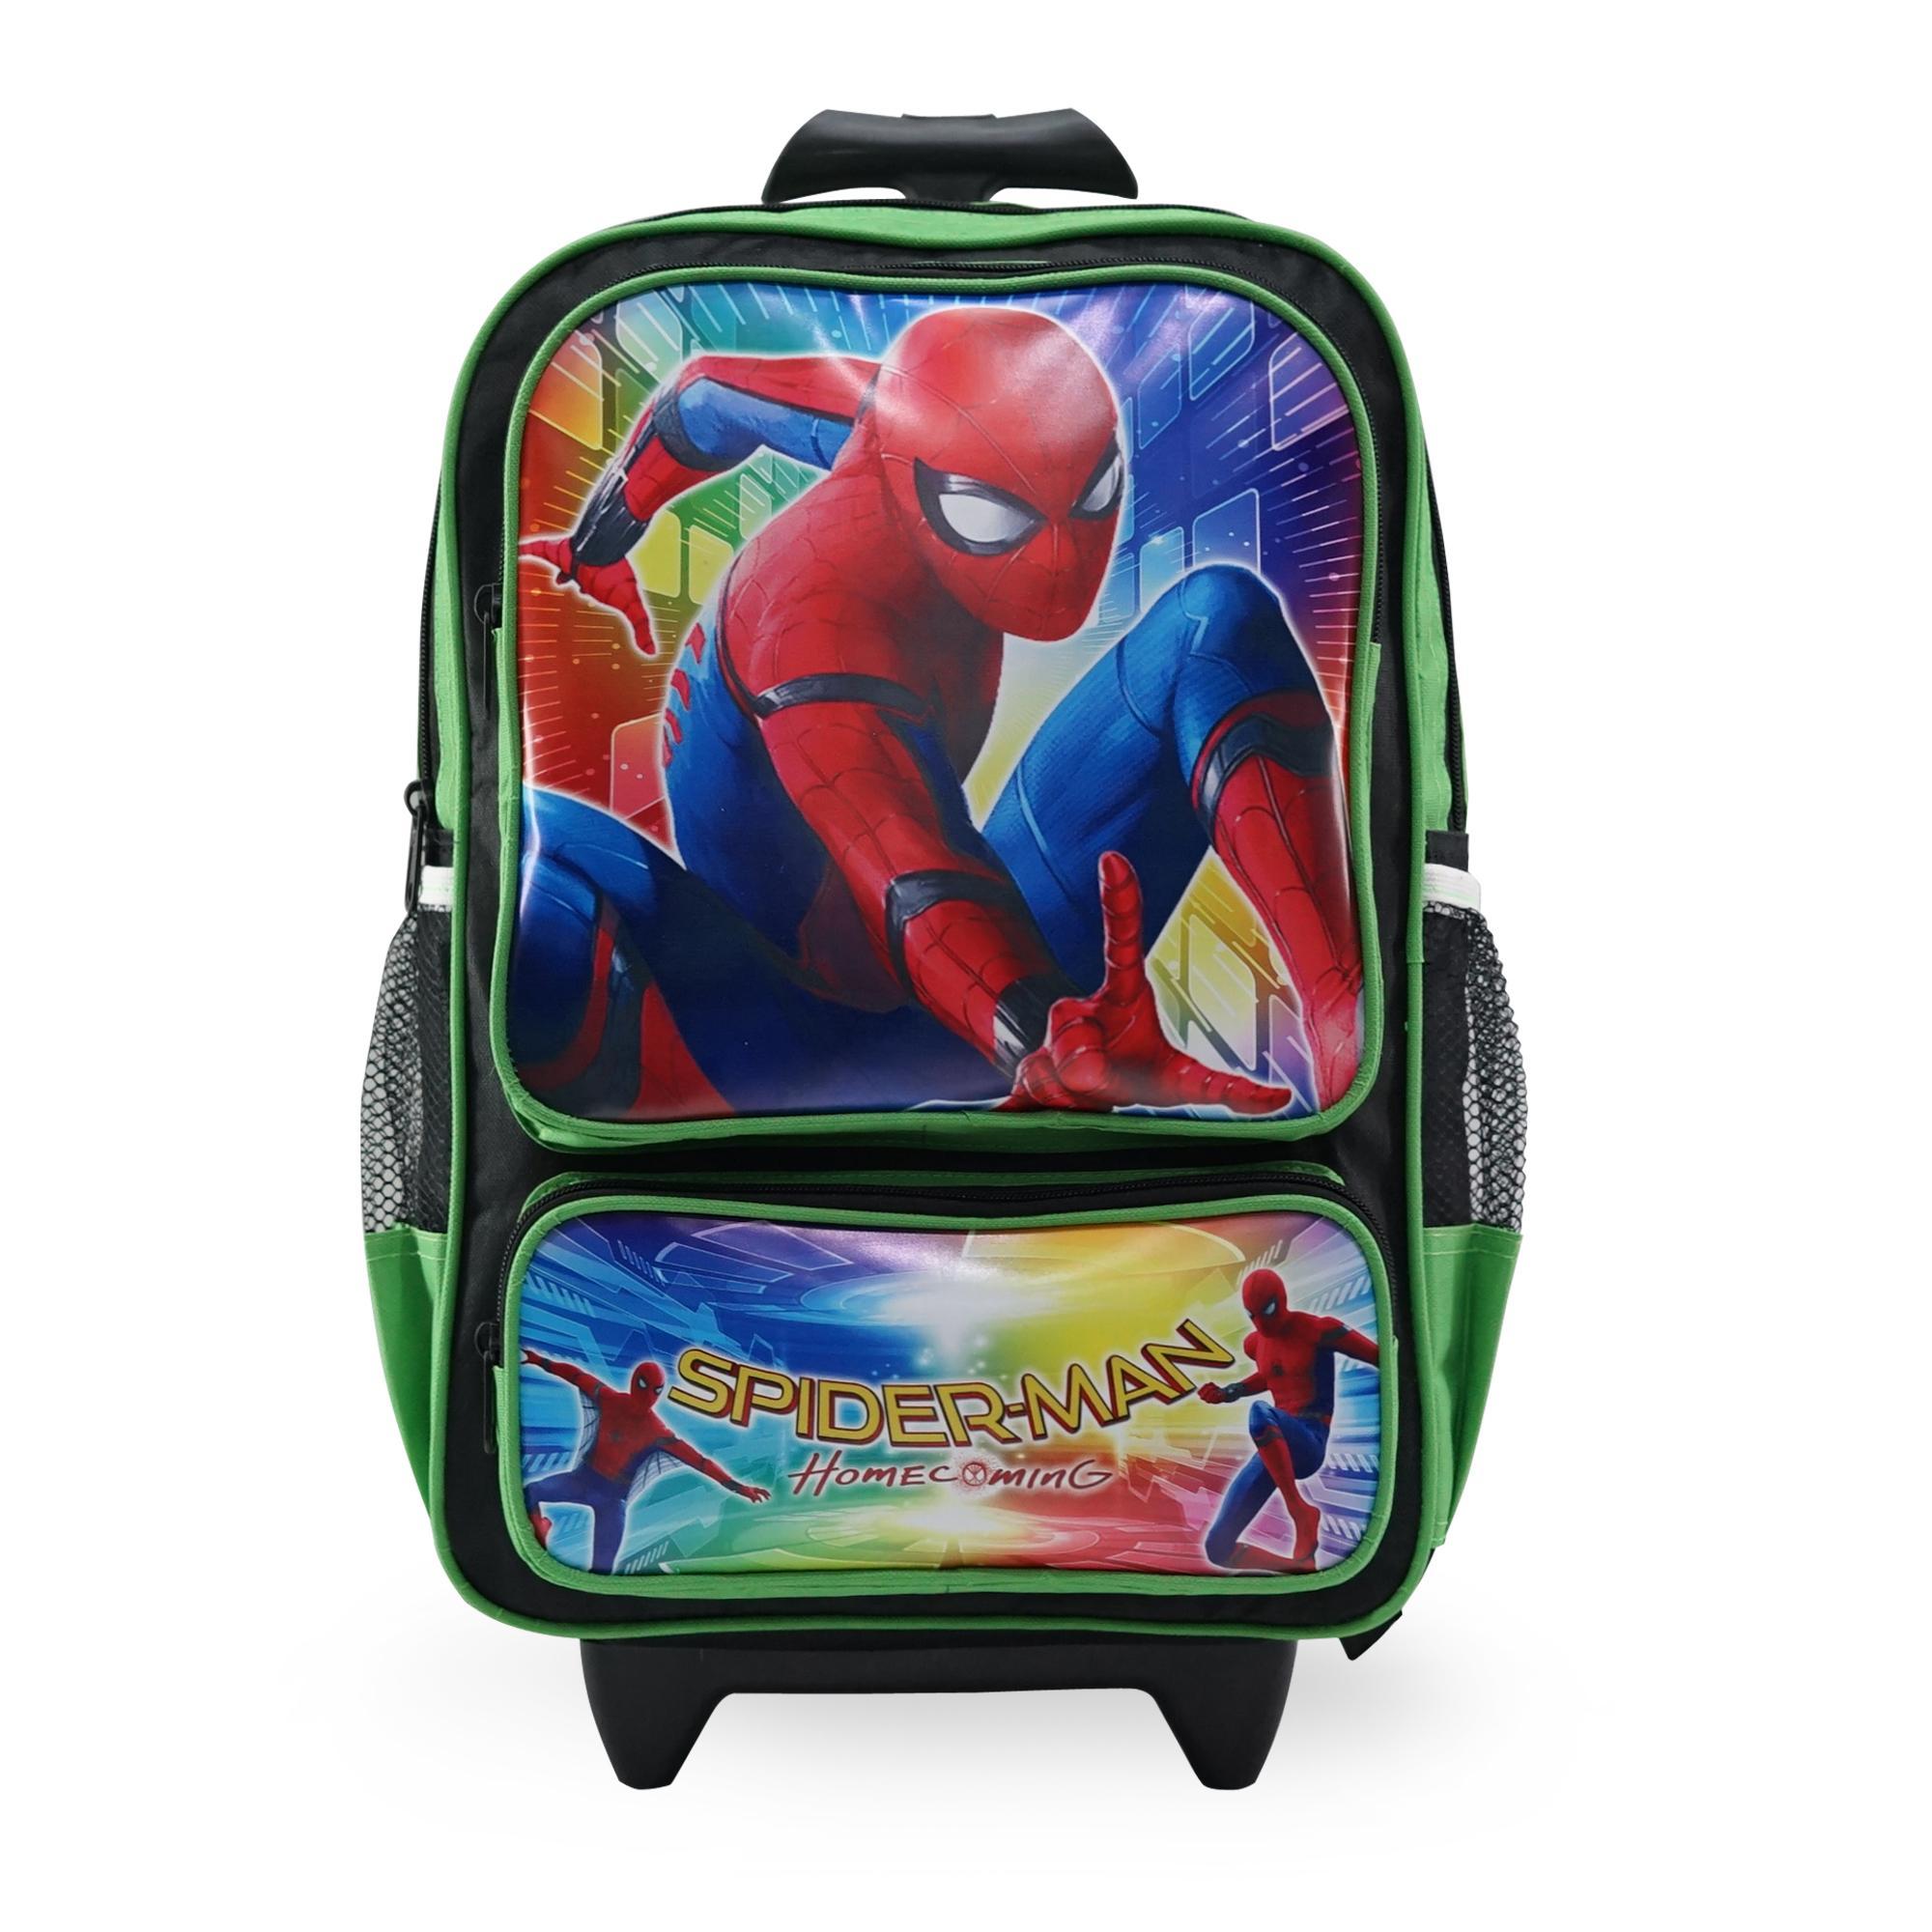 Tas Ransel Anak Sekolah Play Group Tahan Air Karakter Anak Spiderman 16 Inch By Indo Jaya Bags.